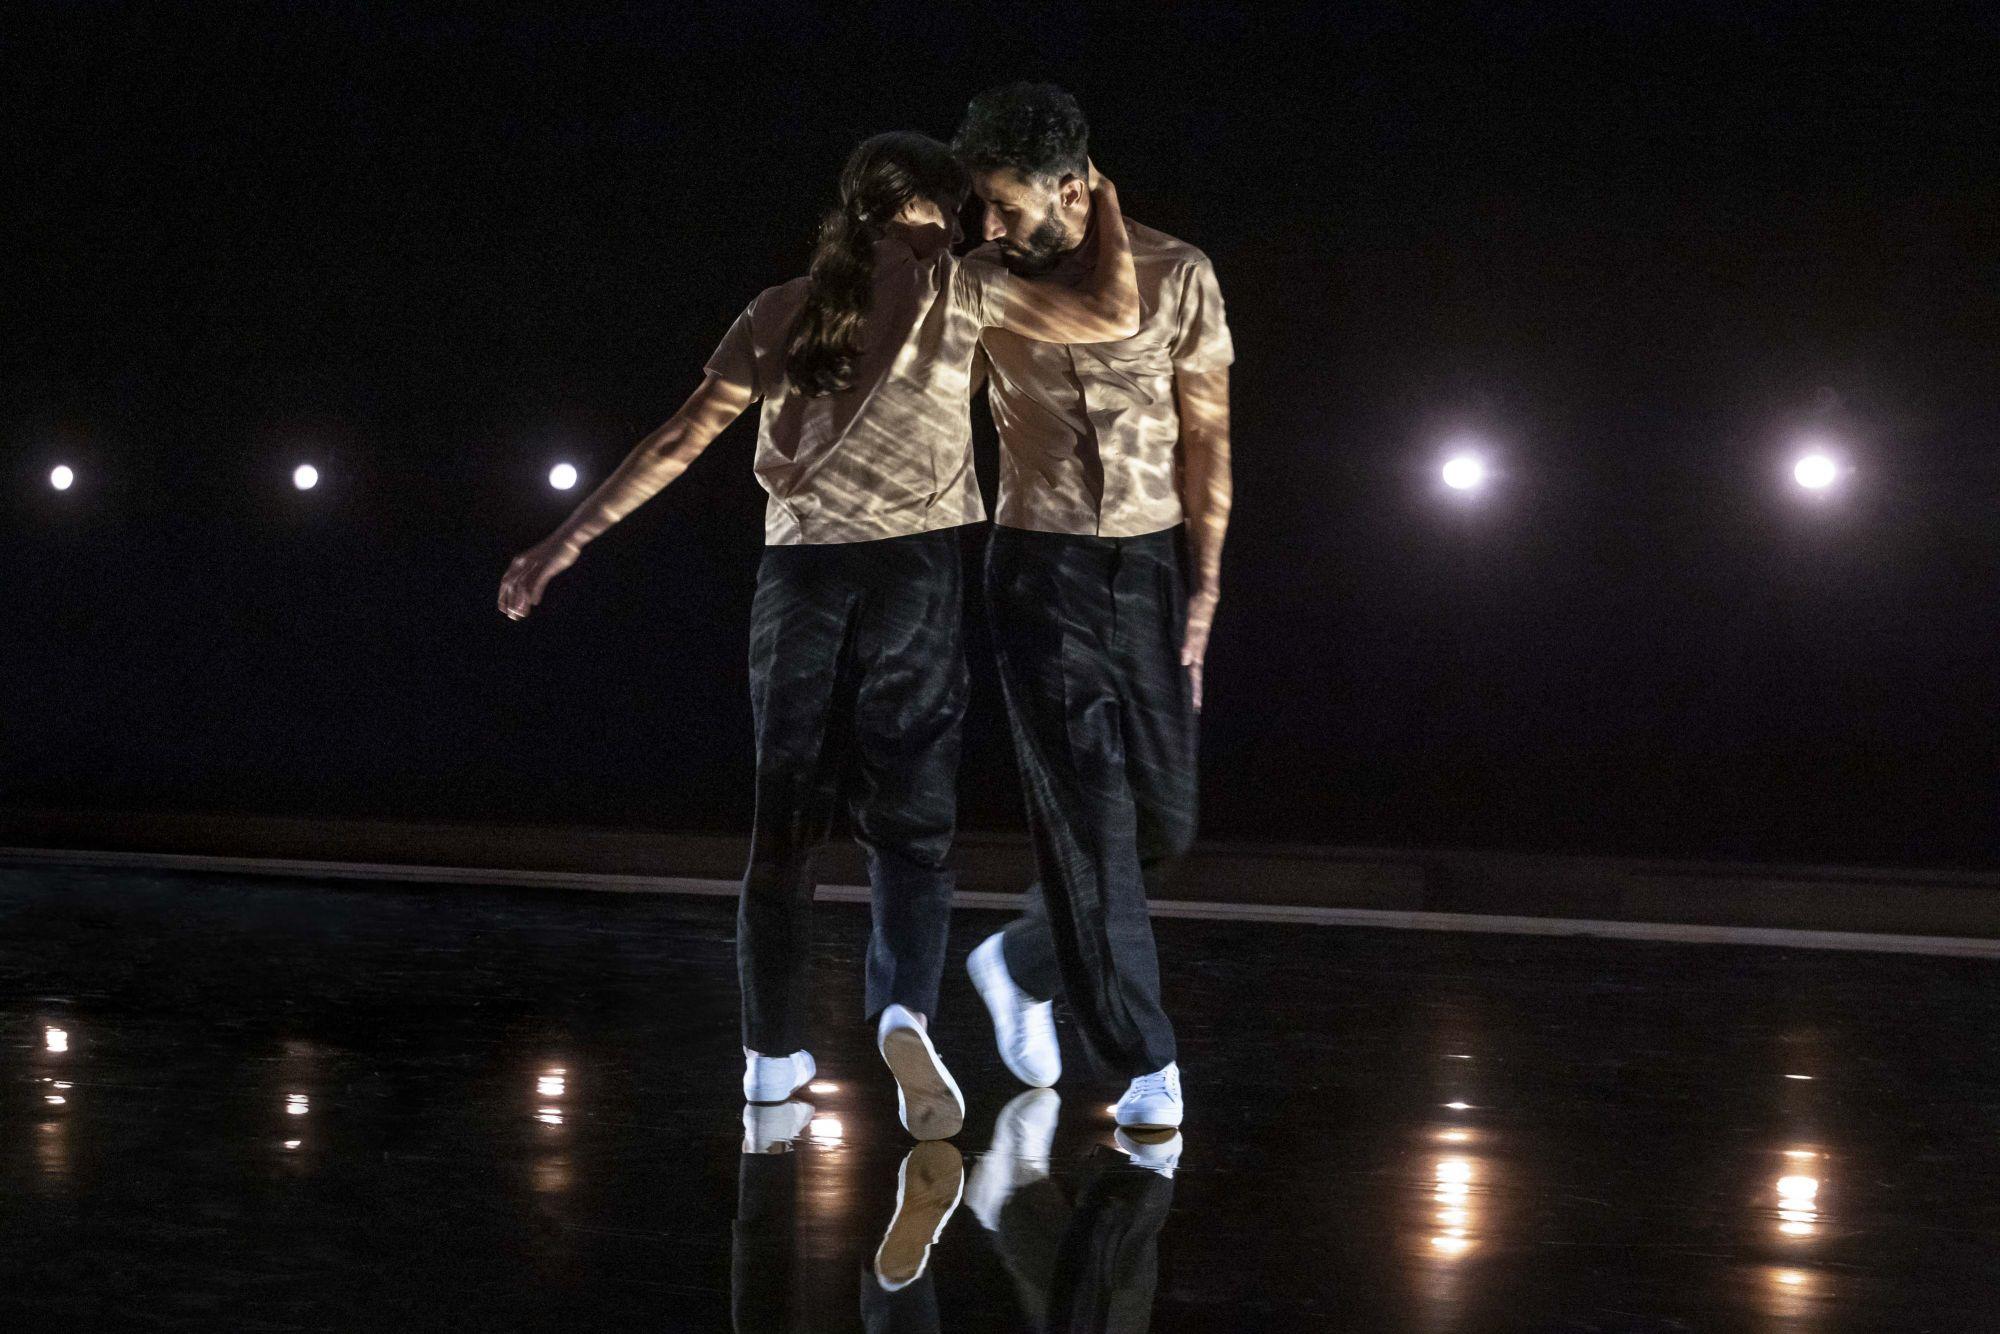 讓光影與舞者流動共舞,流光鏈影珠寶展限時登台!Hermès 珠寶部門創意總監Pierre Hardy以實驗手法開啟形意珠寶新美學